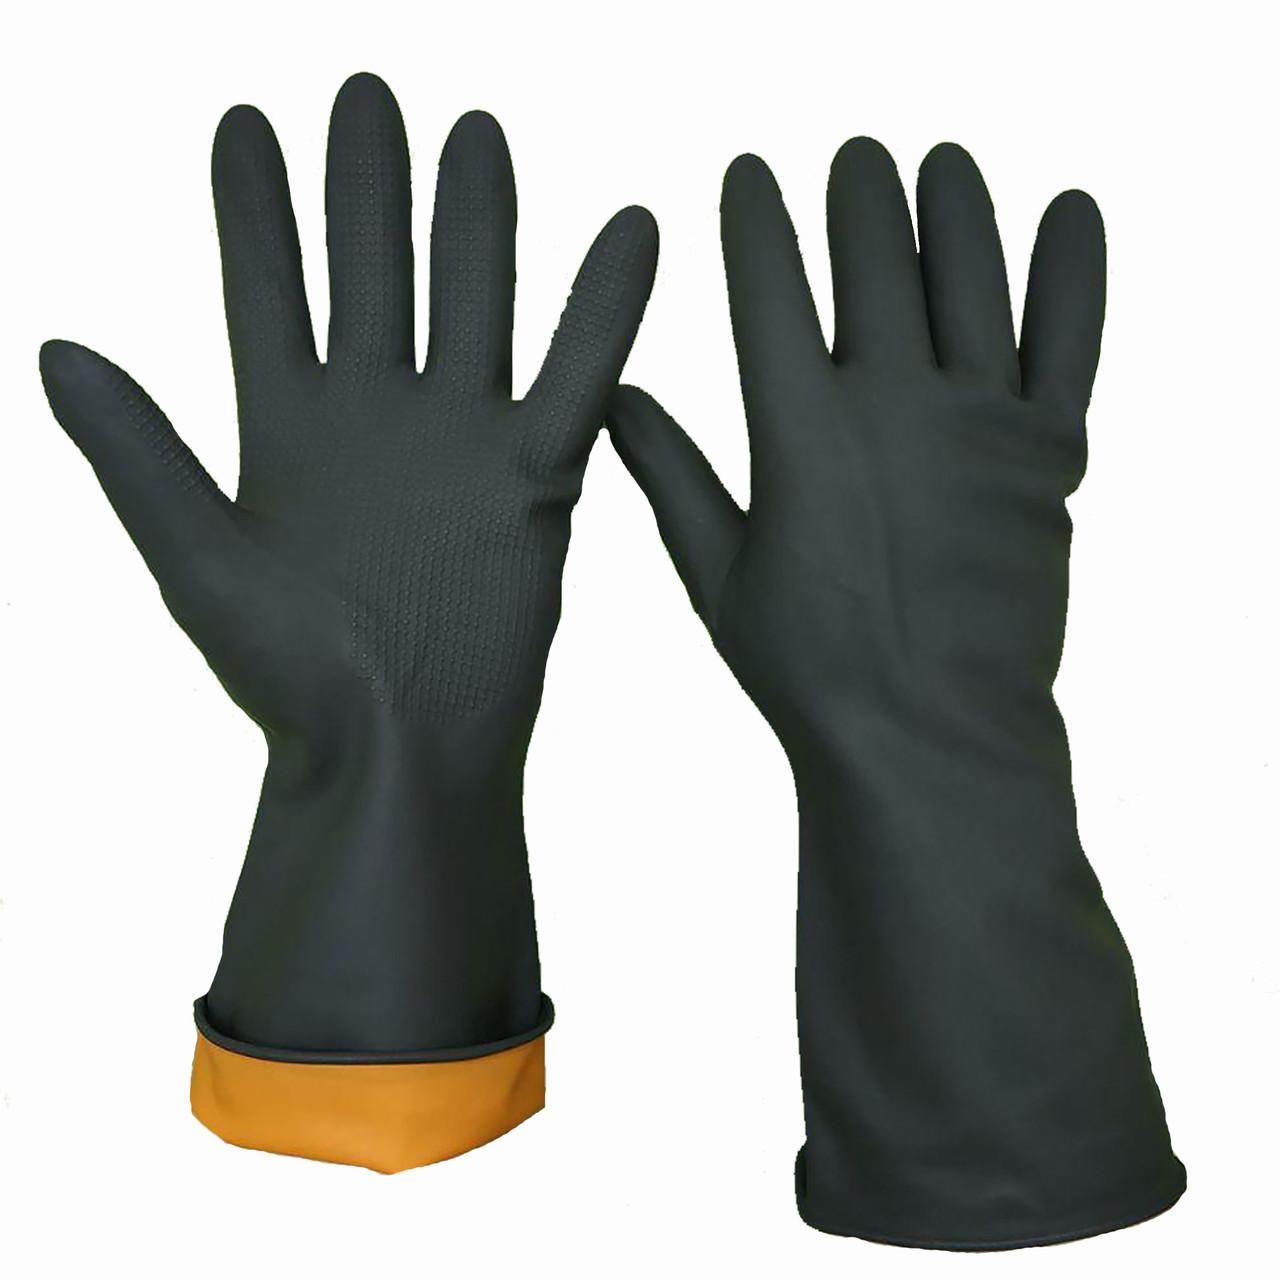 Защитные перчатки, КЩС, латексные, плотные, SUN, размер ХL